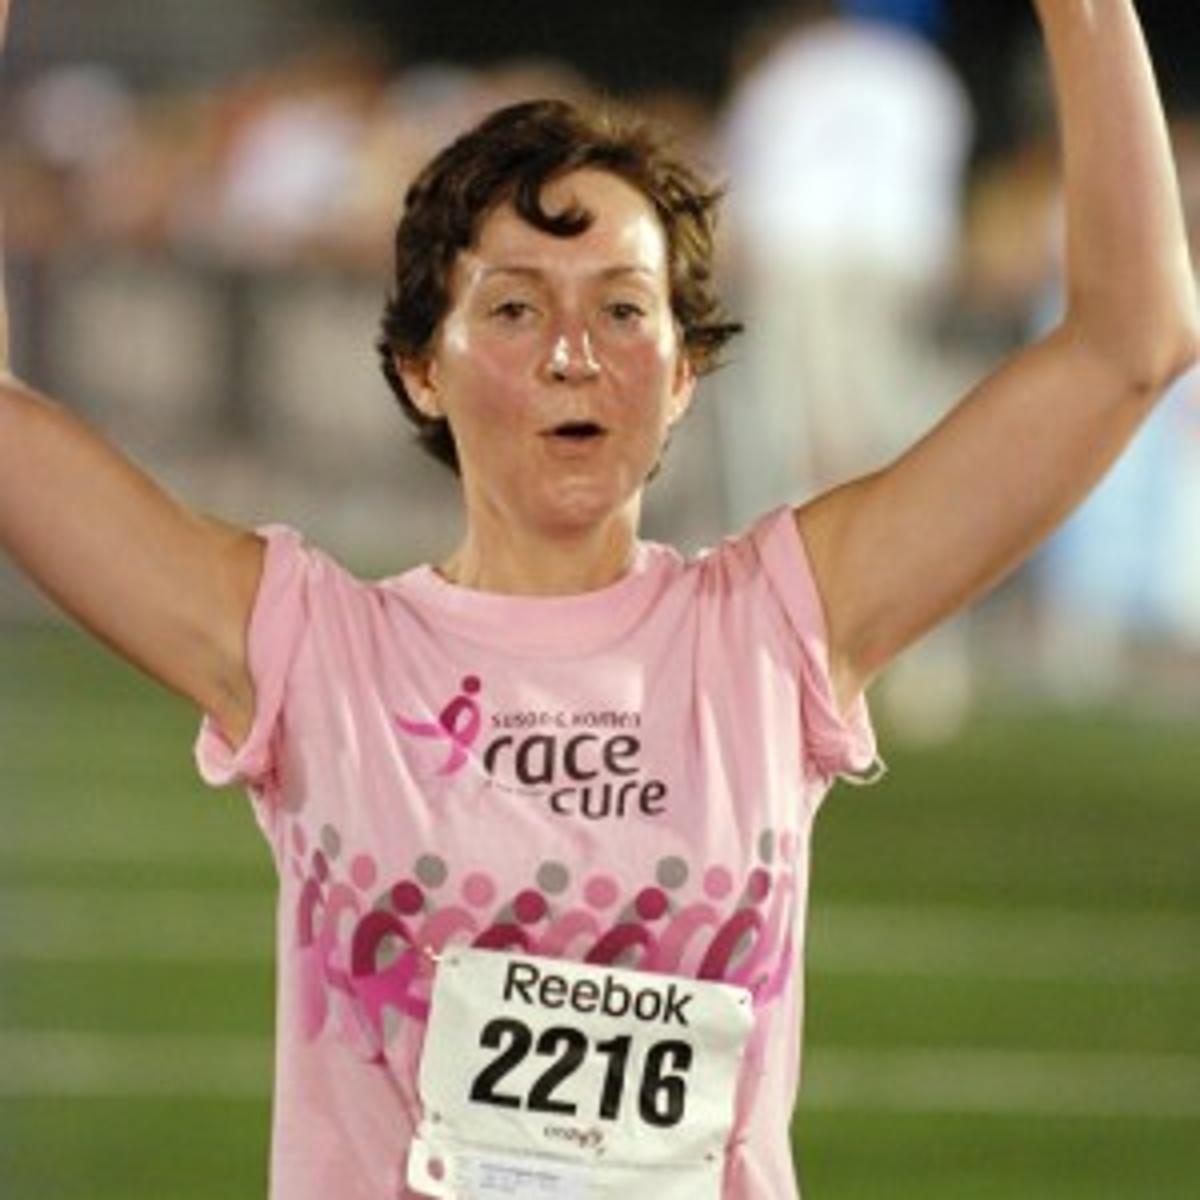 Angie Survivor breast cancer survivor stories: angie gilmer | news